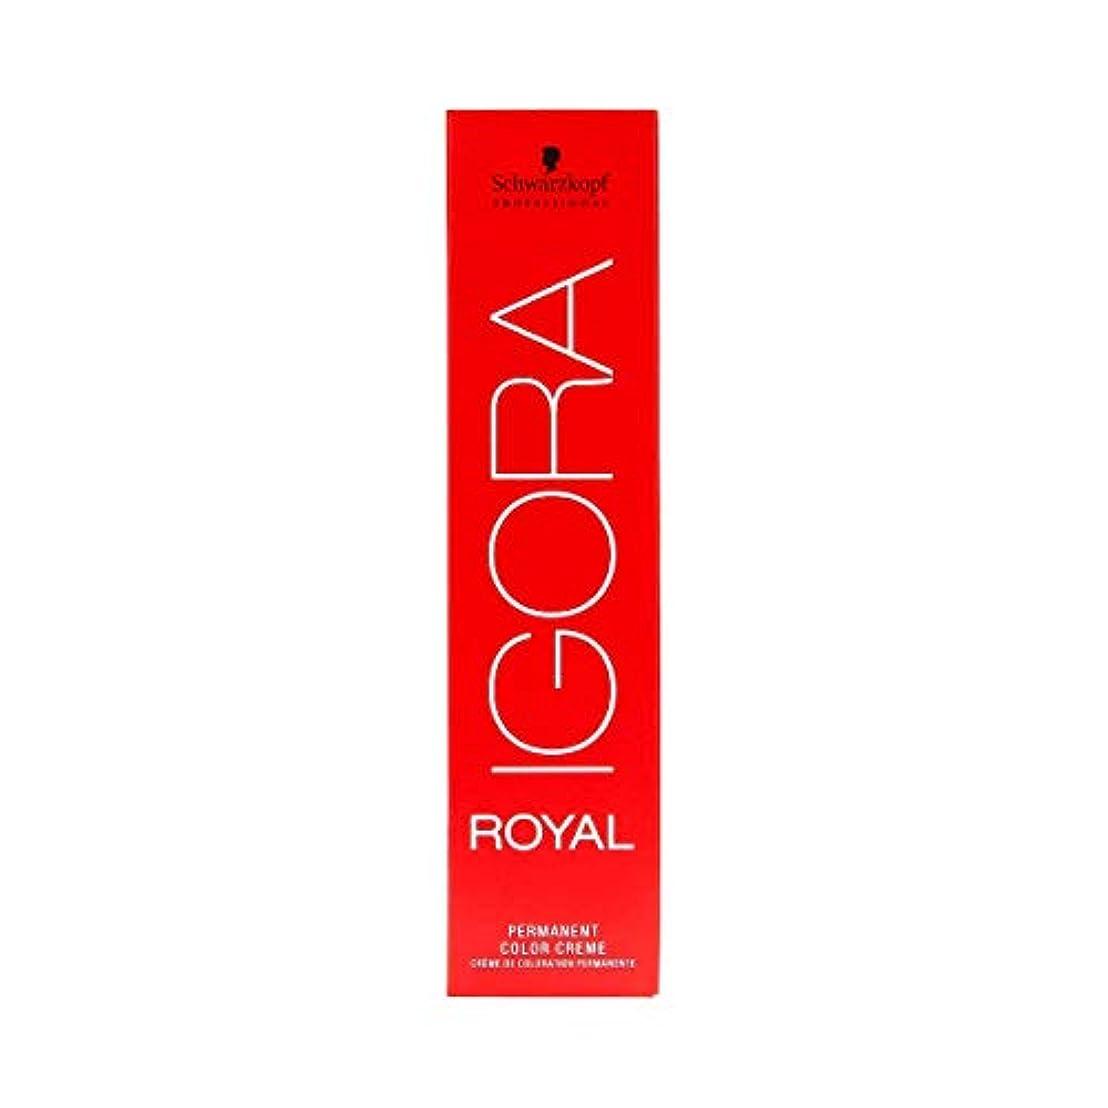 シュワルツコフ IGORA ロイヤル7-57パーマネントカラークリーム60ml[海外直送品] [並行輸入品]